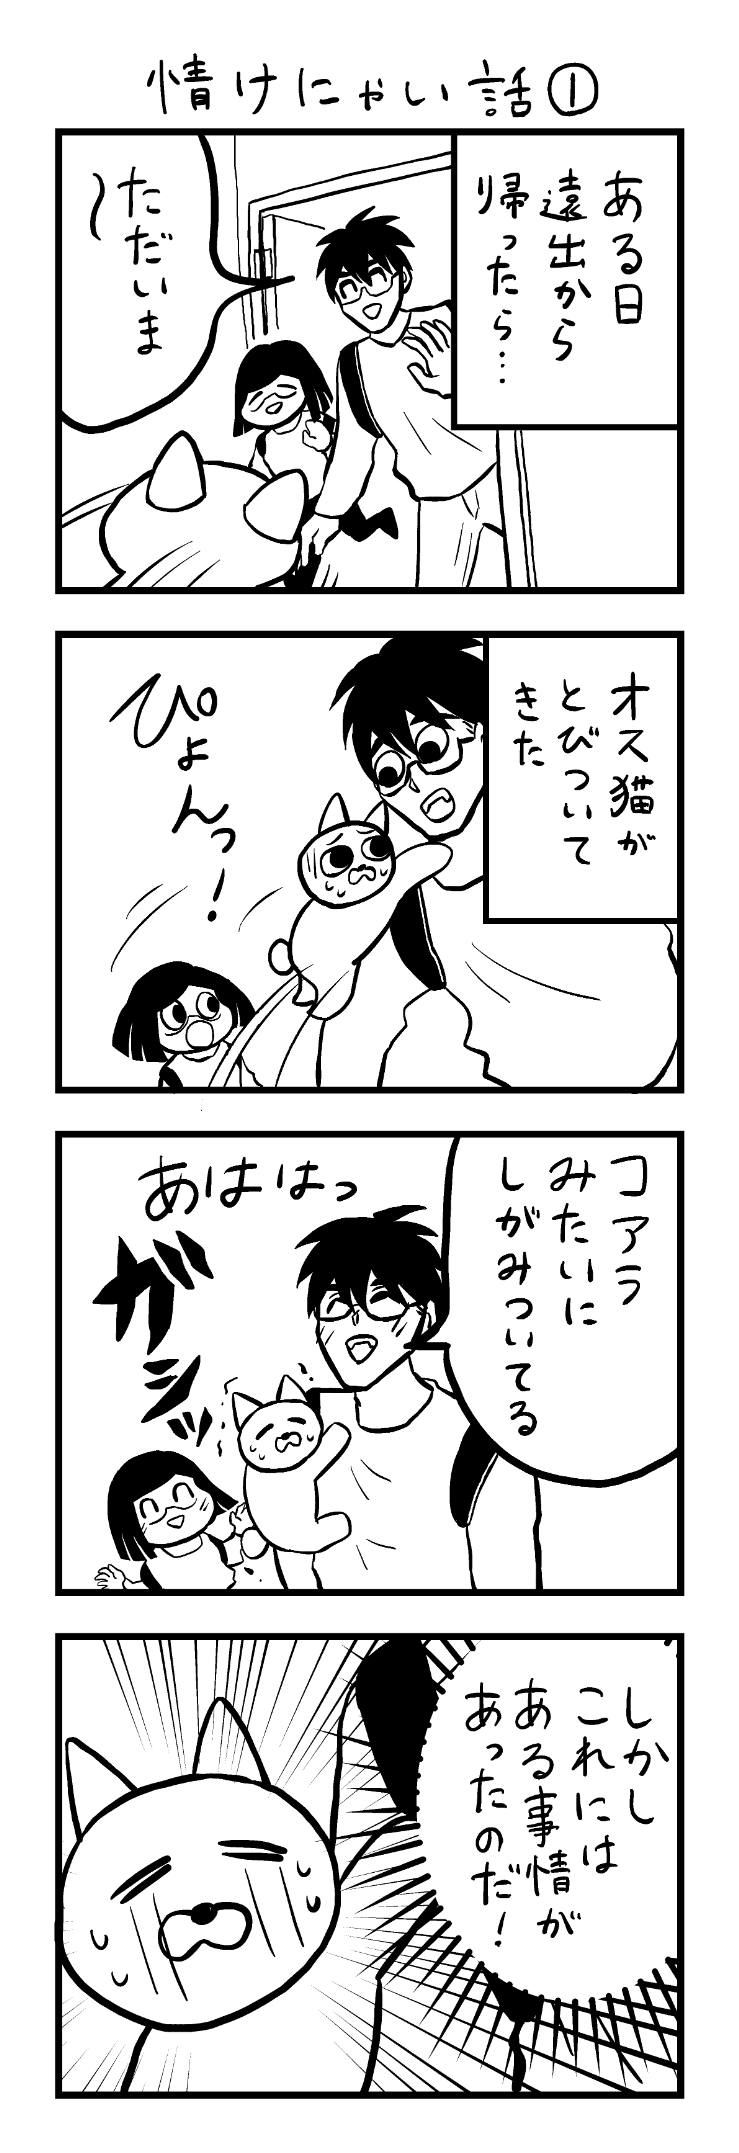 情けない話1